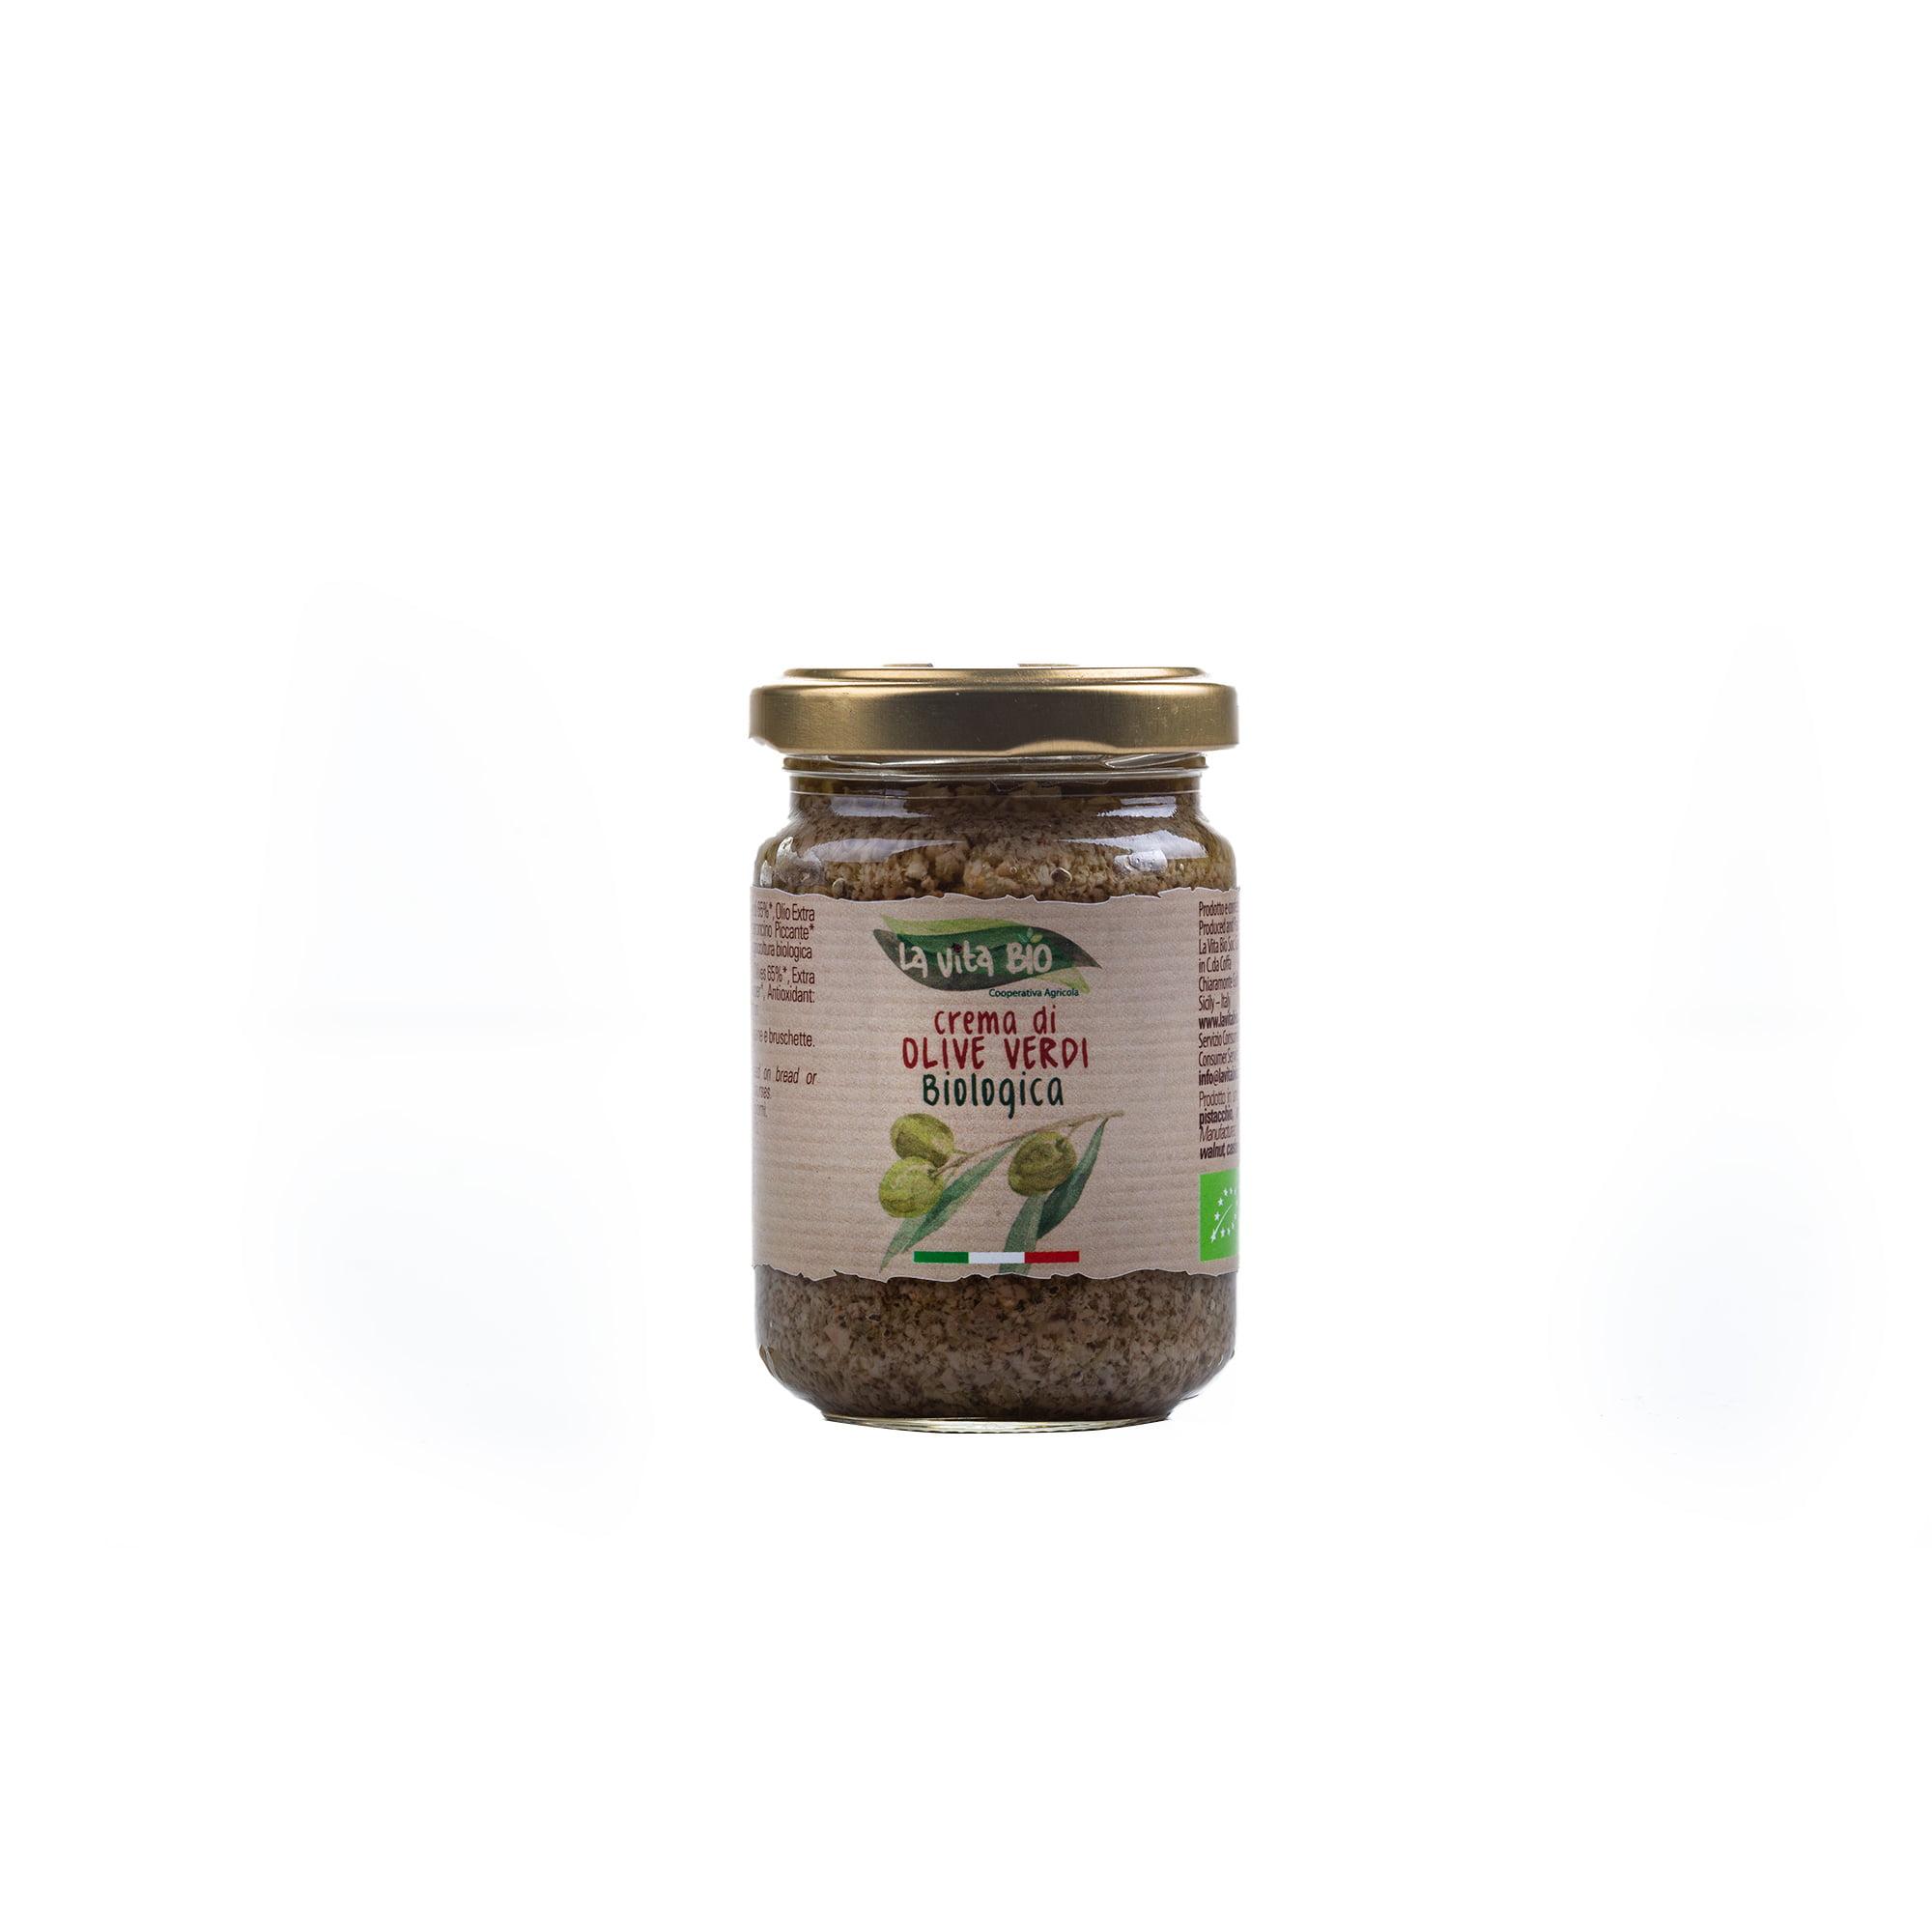 Biologisch crema olive verdi